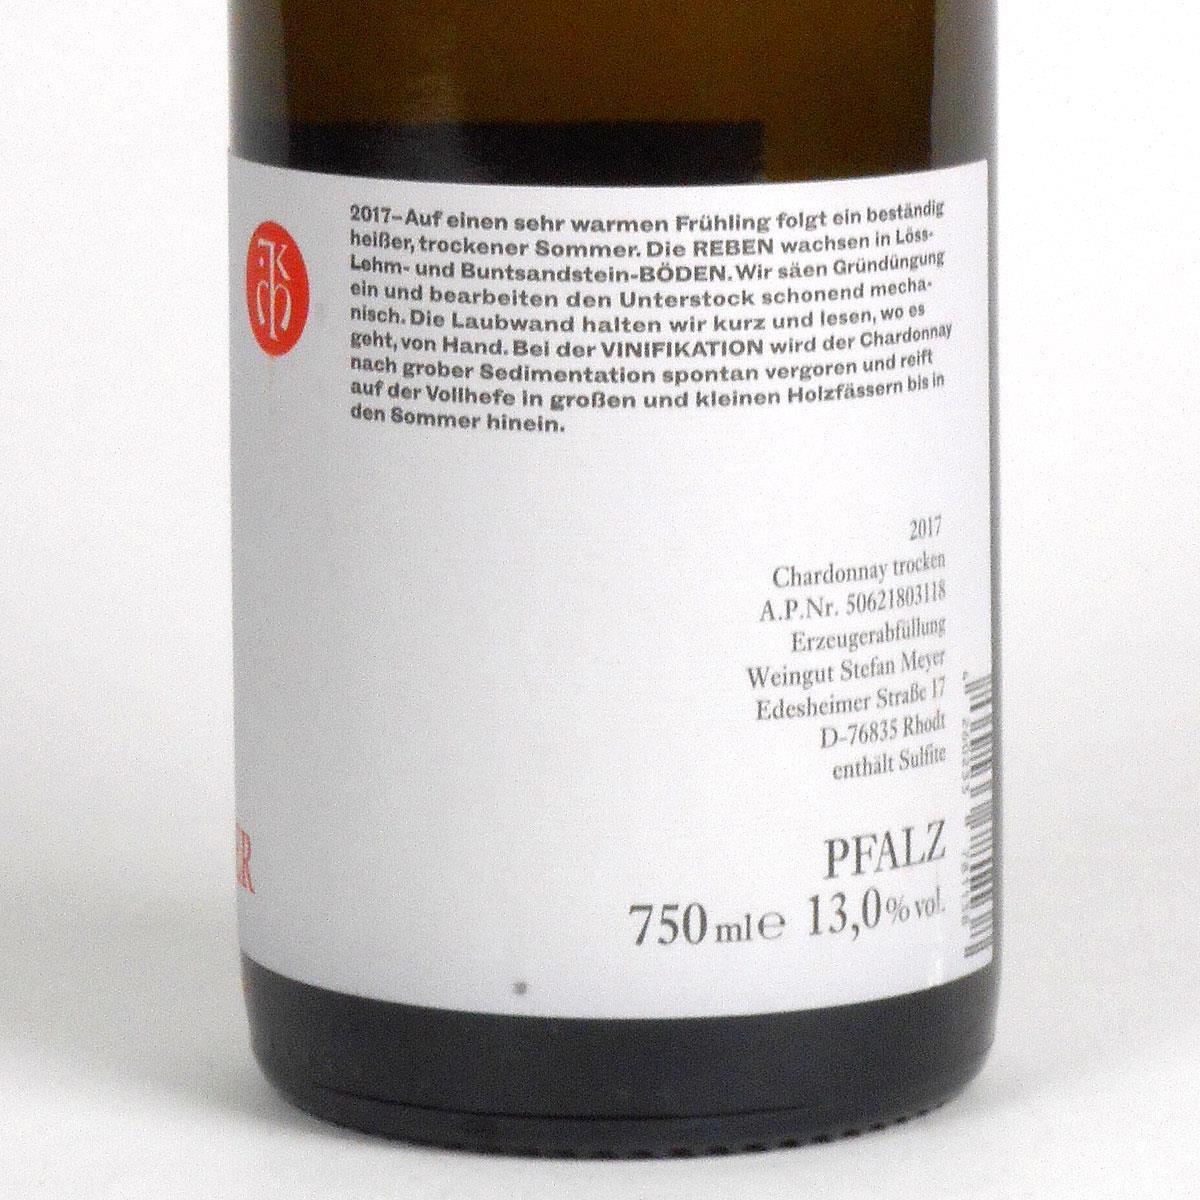 Pfalz: Stefan Meyer 'Aus Rhodt' Chardonnay 2017 - Bottle - Rear